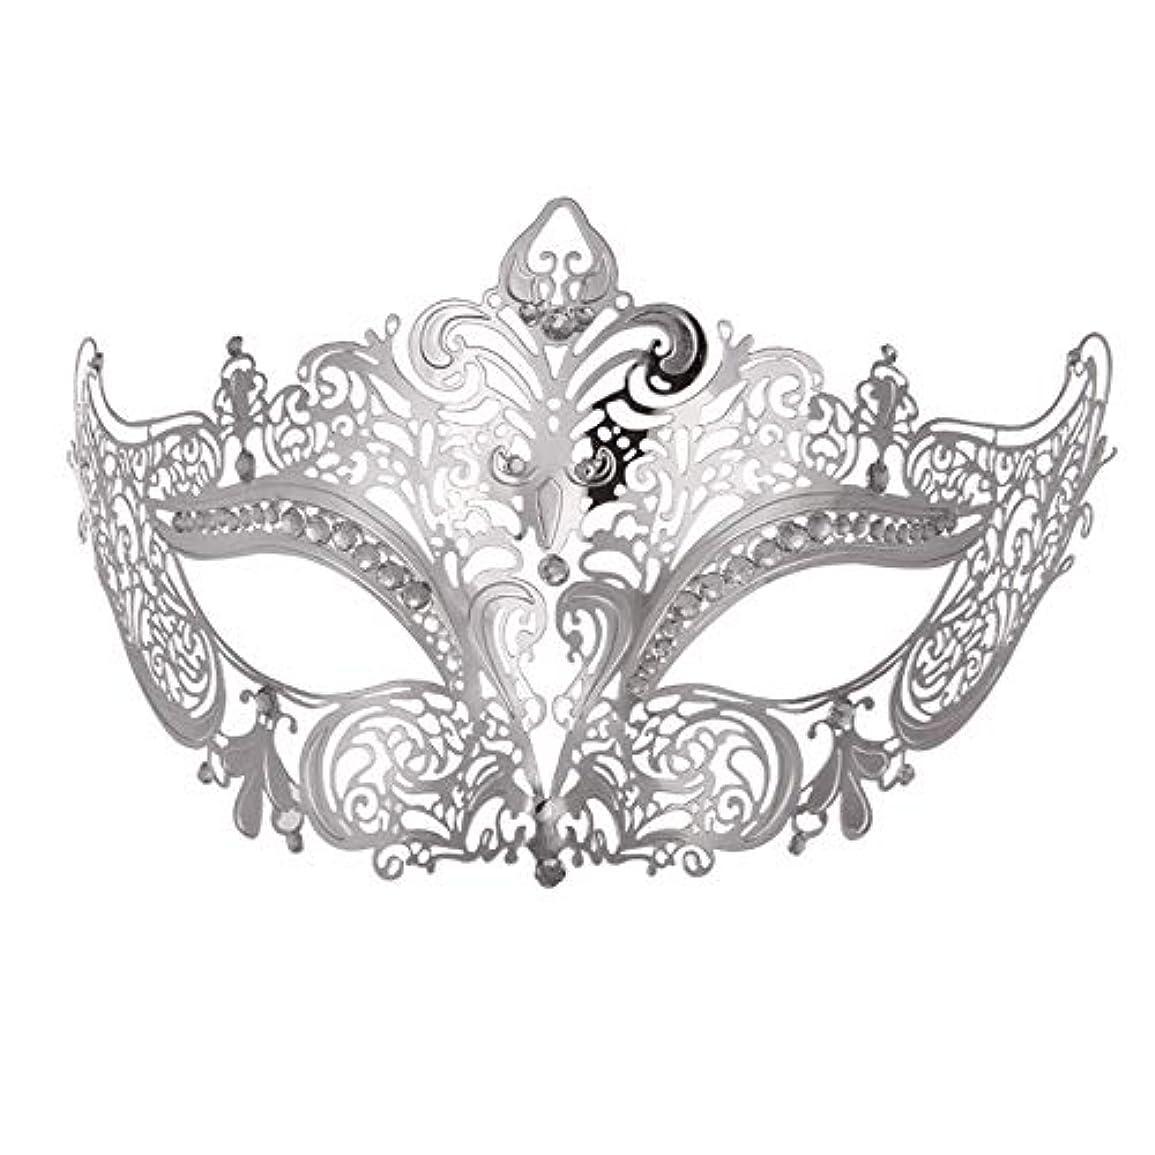 オーク縁スペードダンスマスク 高級金メッキ銀マスク仮装小道具ロールプレイングナイトクラブパーティーマスク パーティーボールマスク (色 : 銀, サイズ : Universal)